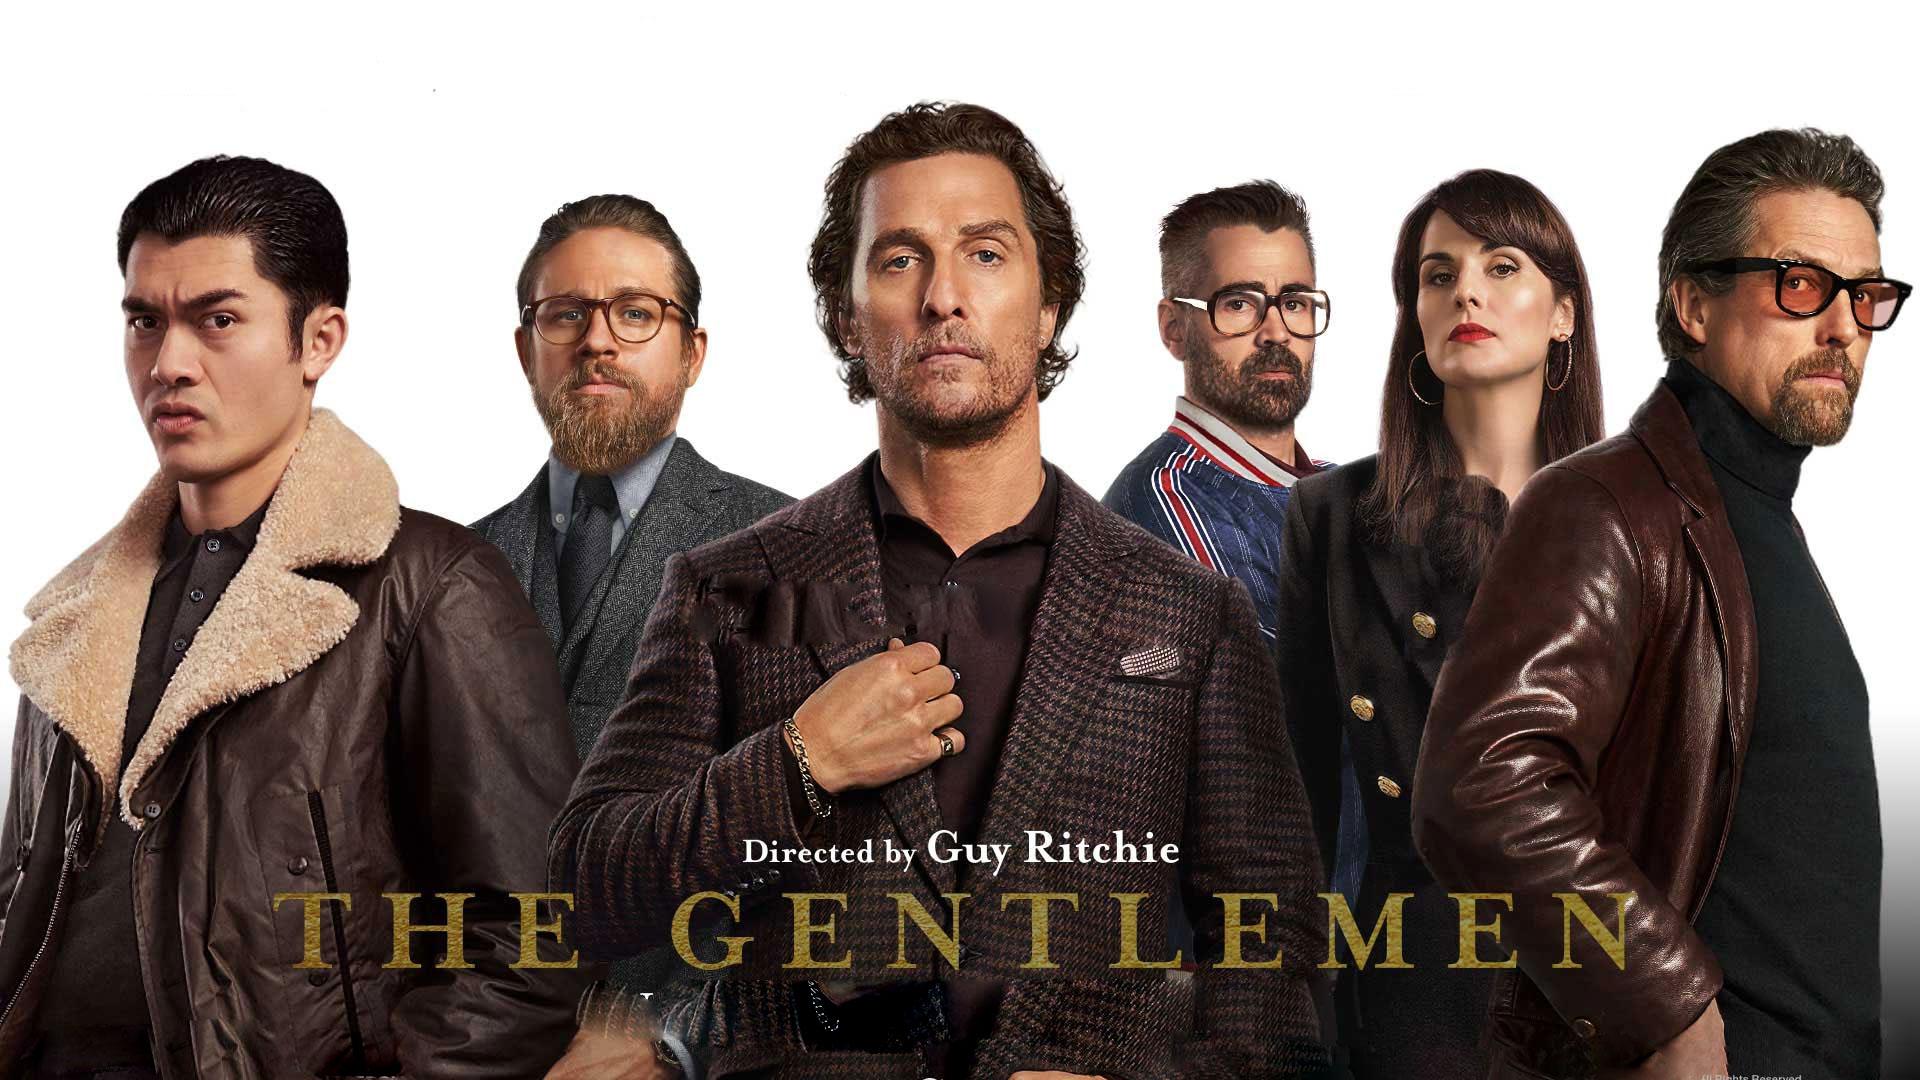 دانلود فیلم جنتلمن با دوبله فارسی The Gentlemen 2019 BluRay